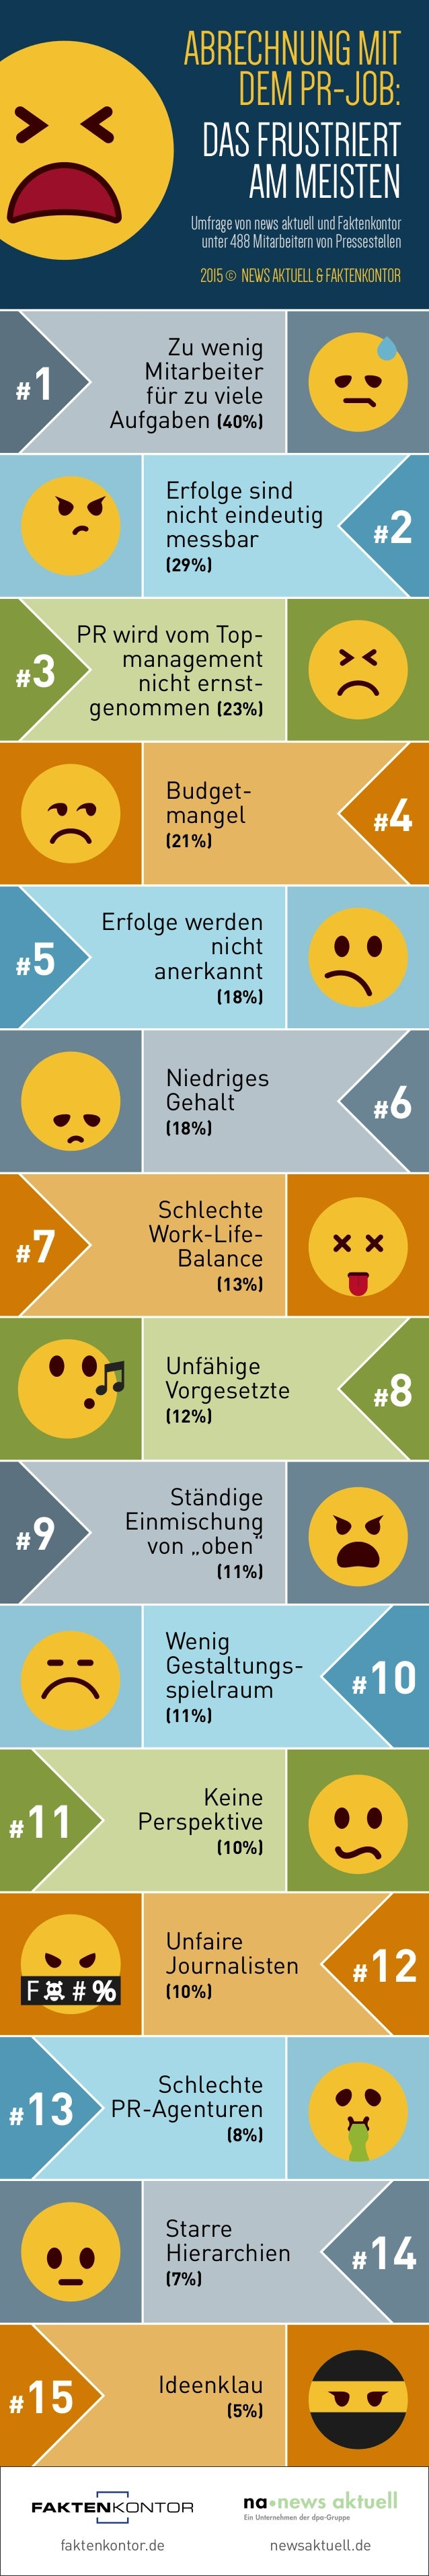 #13#13 #9 faktenkontor.de newsaktuell.de Abrechnungmit demPR-Job: Dasfrustriert ammeisten UmfragevonnewsaktuellundFaktenko...